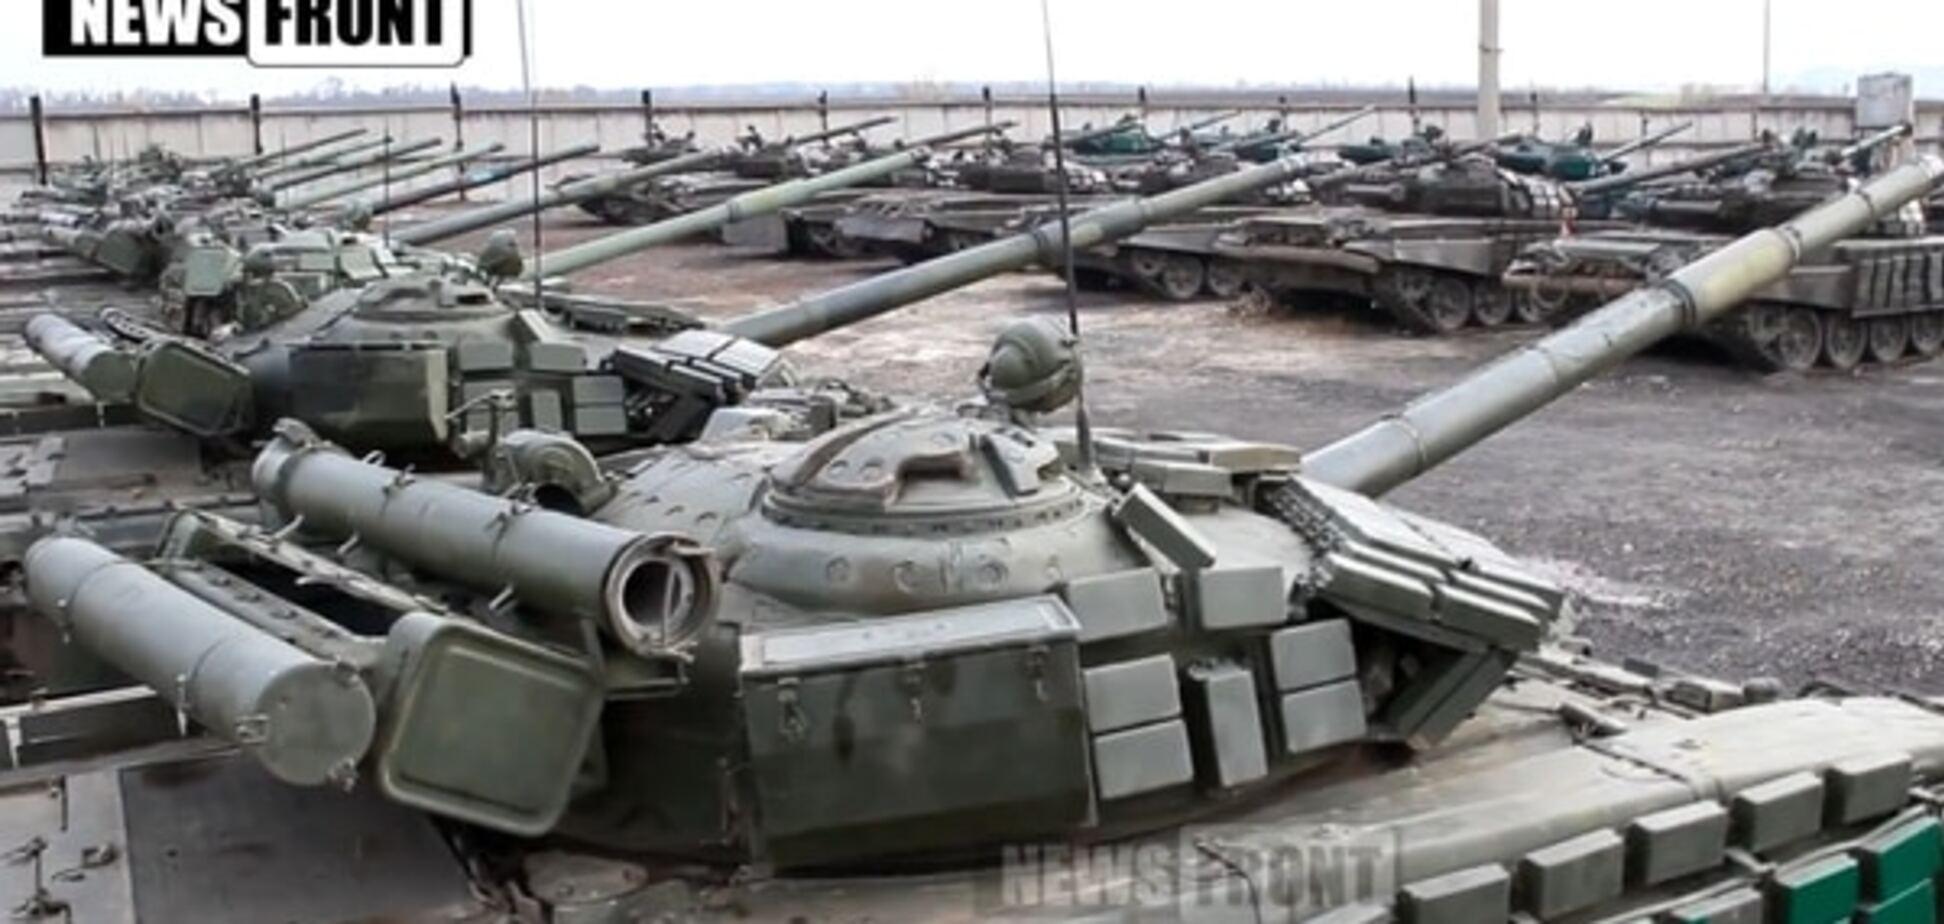 'Розфарбувати' життя луганчан: волонтери знайшли 'райдужні' танки терористів